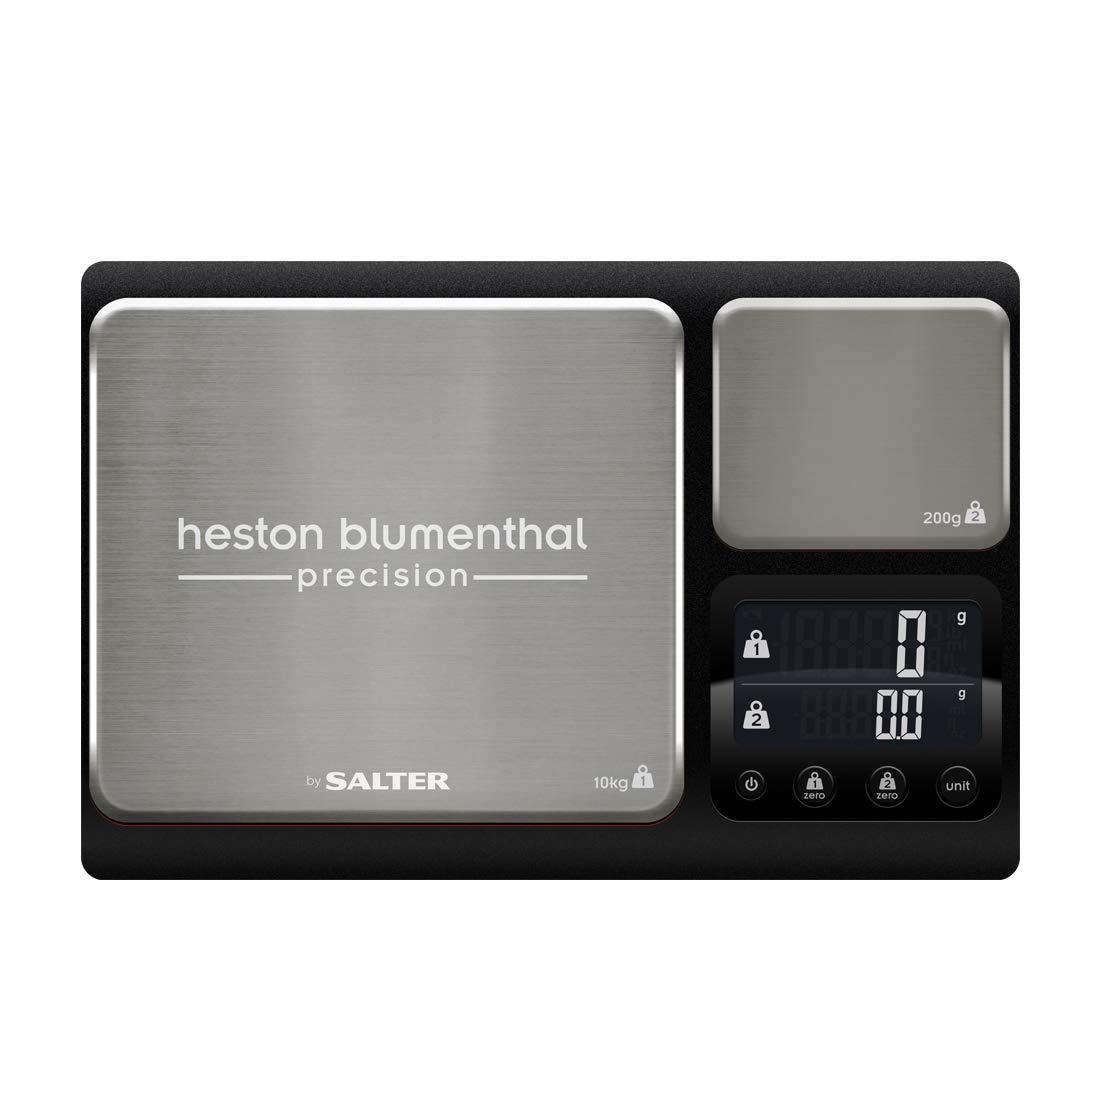 Salter Heston Blumenthal: balanza Doble, Alta Capacidad de 10 kg Segunda Plataforma de precisión de 200 g, Acero Inoxidable, 31 x 21 x 5 cm: Amazon.es